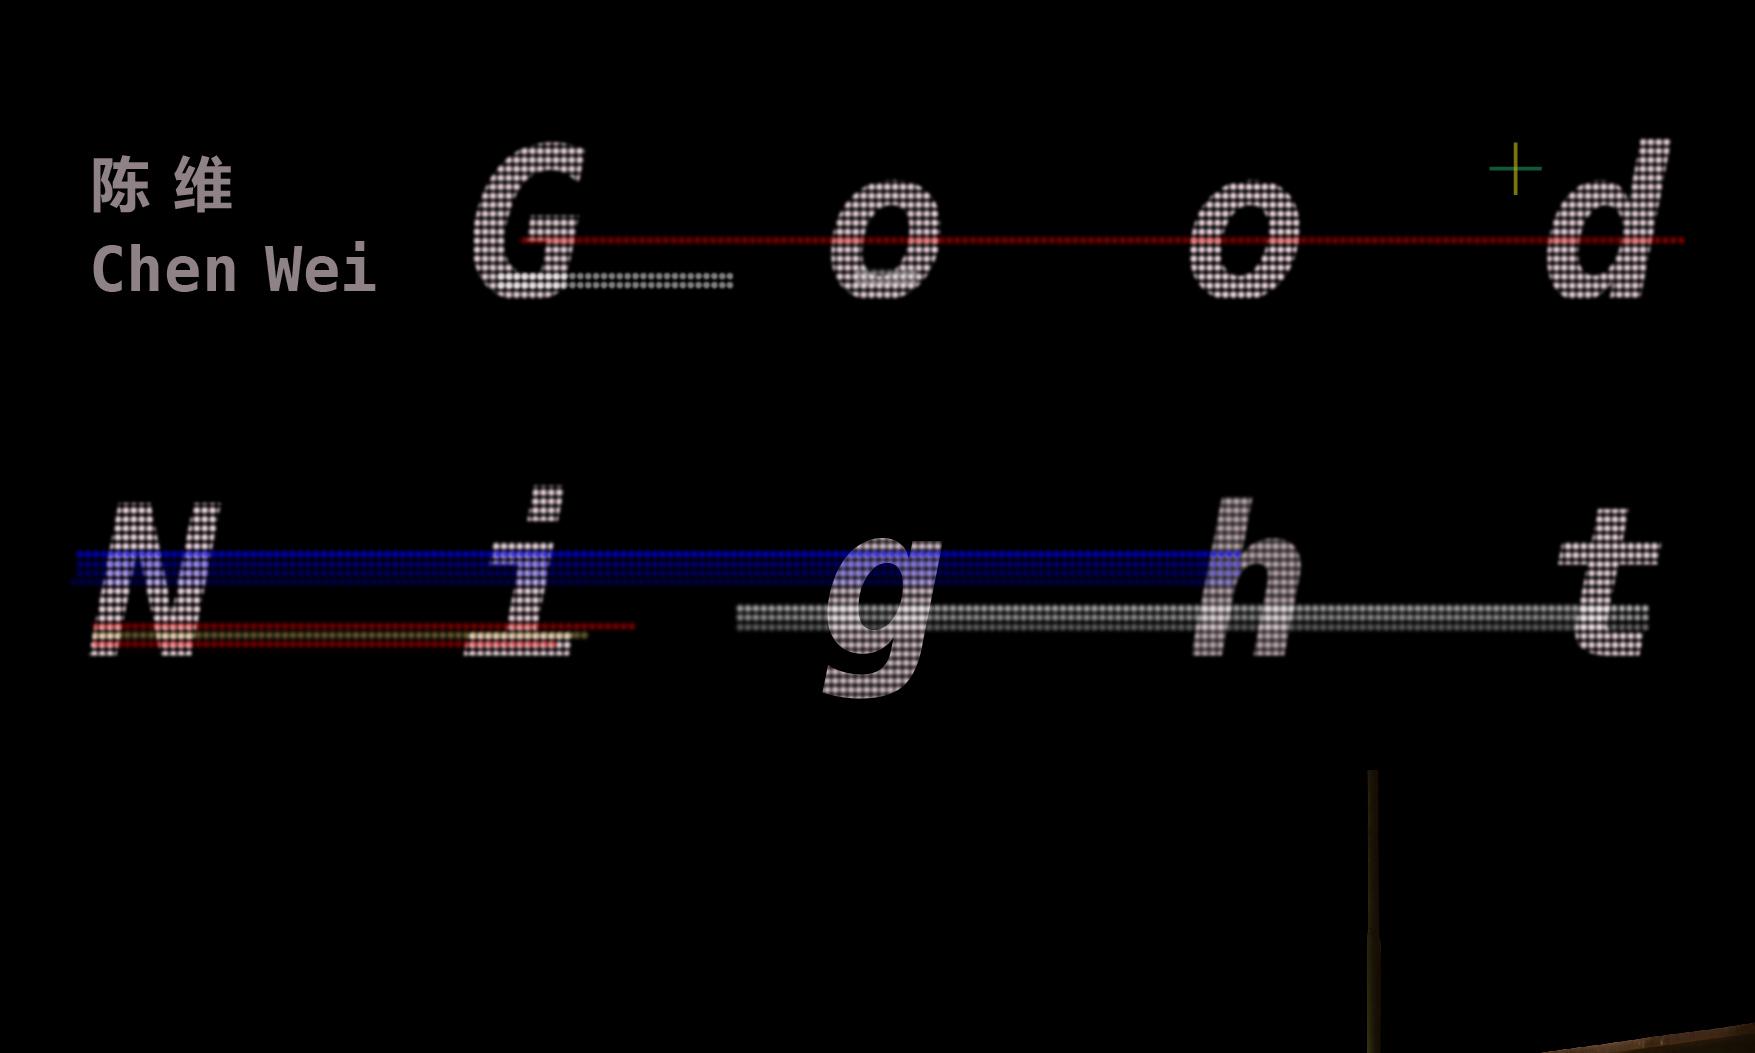 昊美术馆将于近日呈现艺术家陈维个展「Good Night」